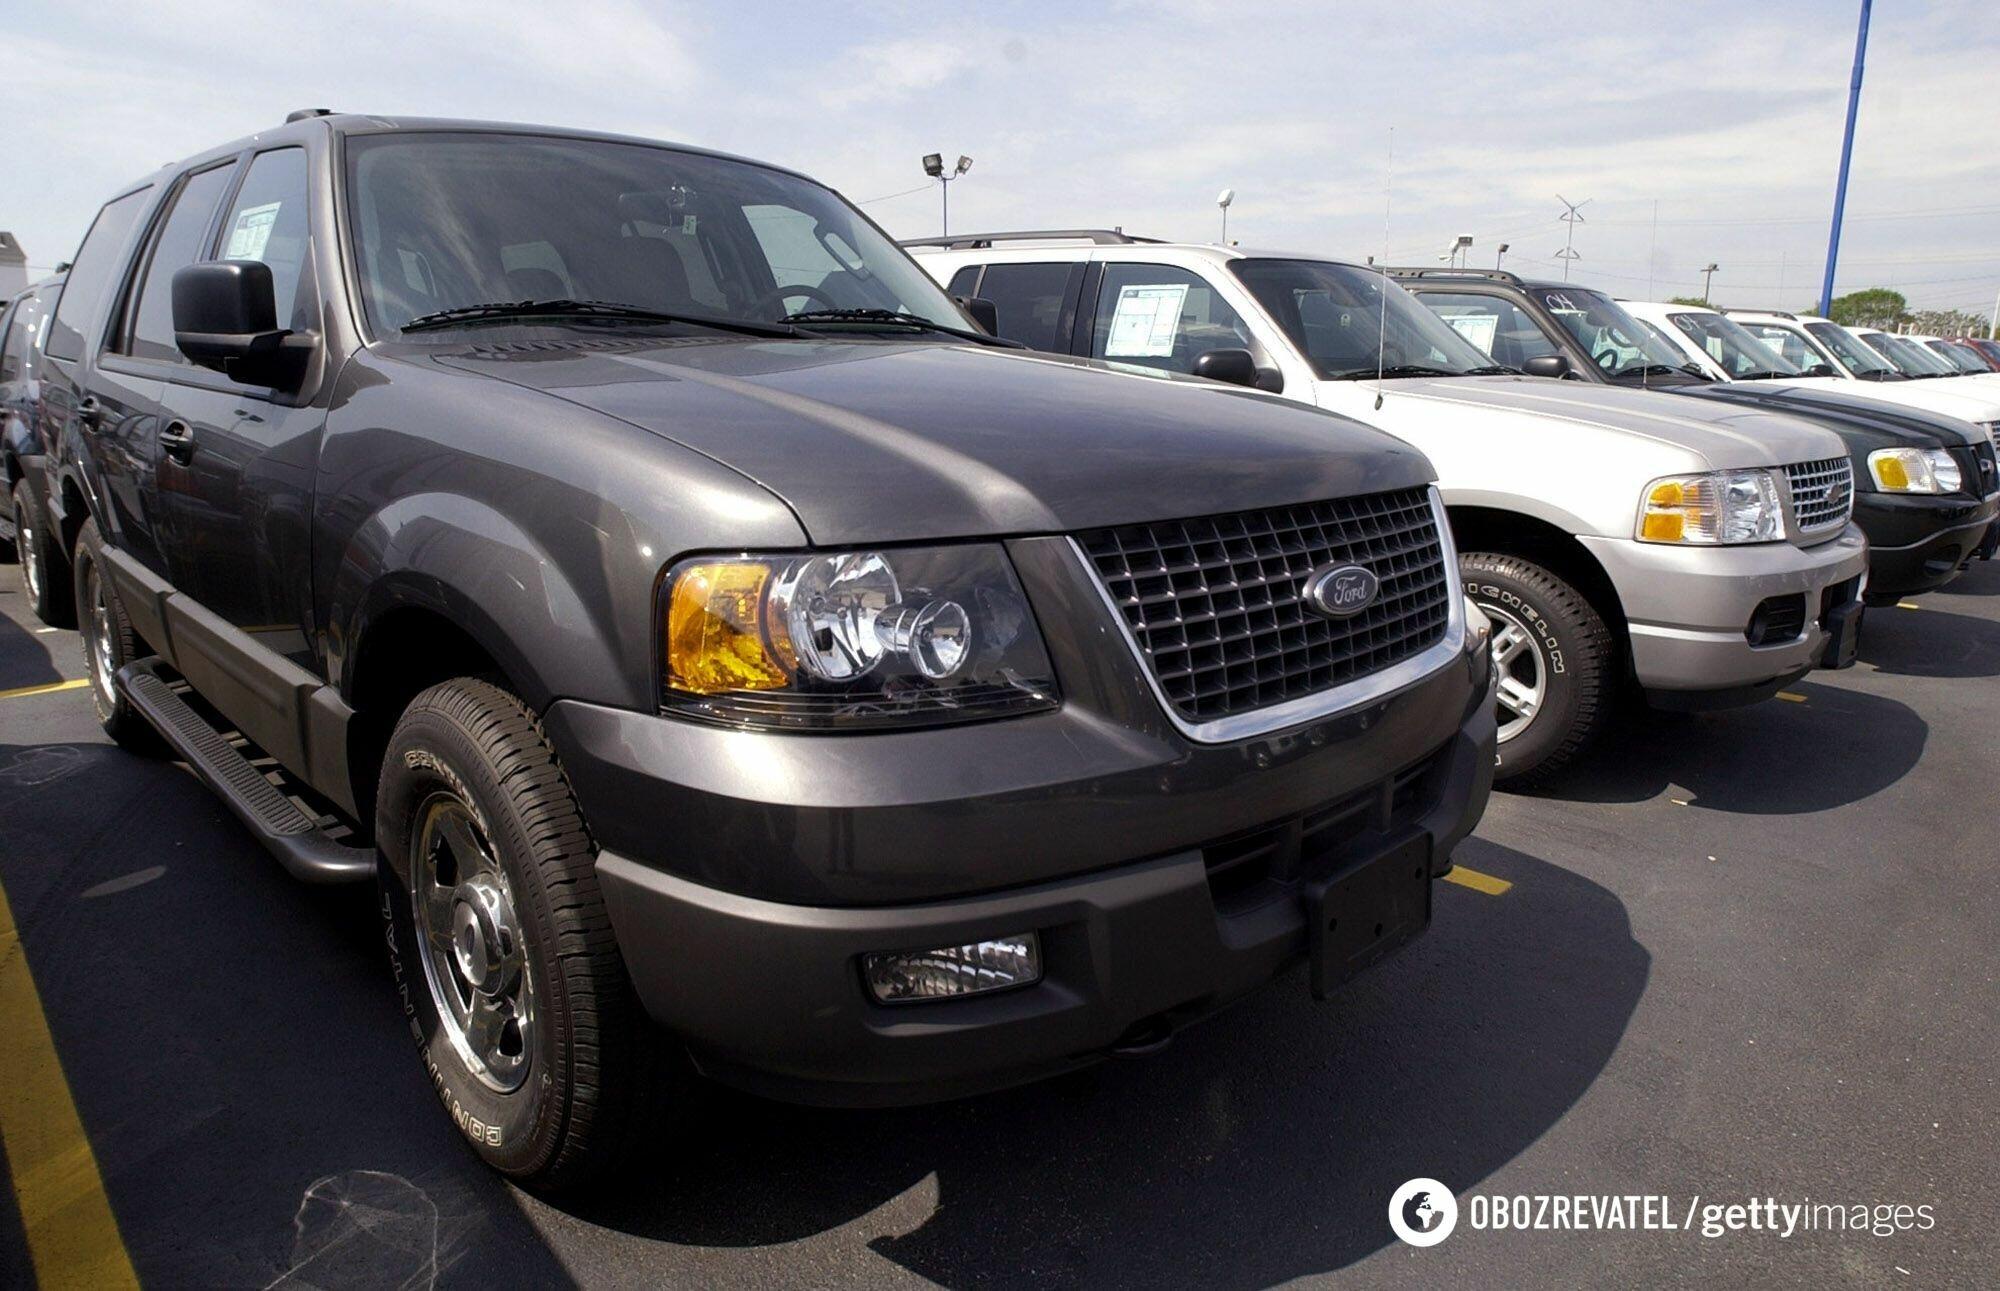 Ford Explorer 2004 года производства